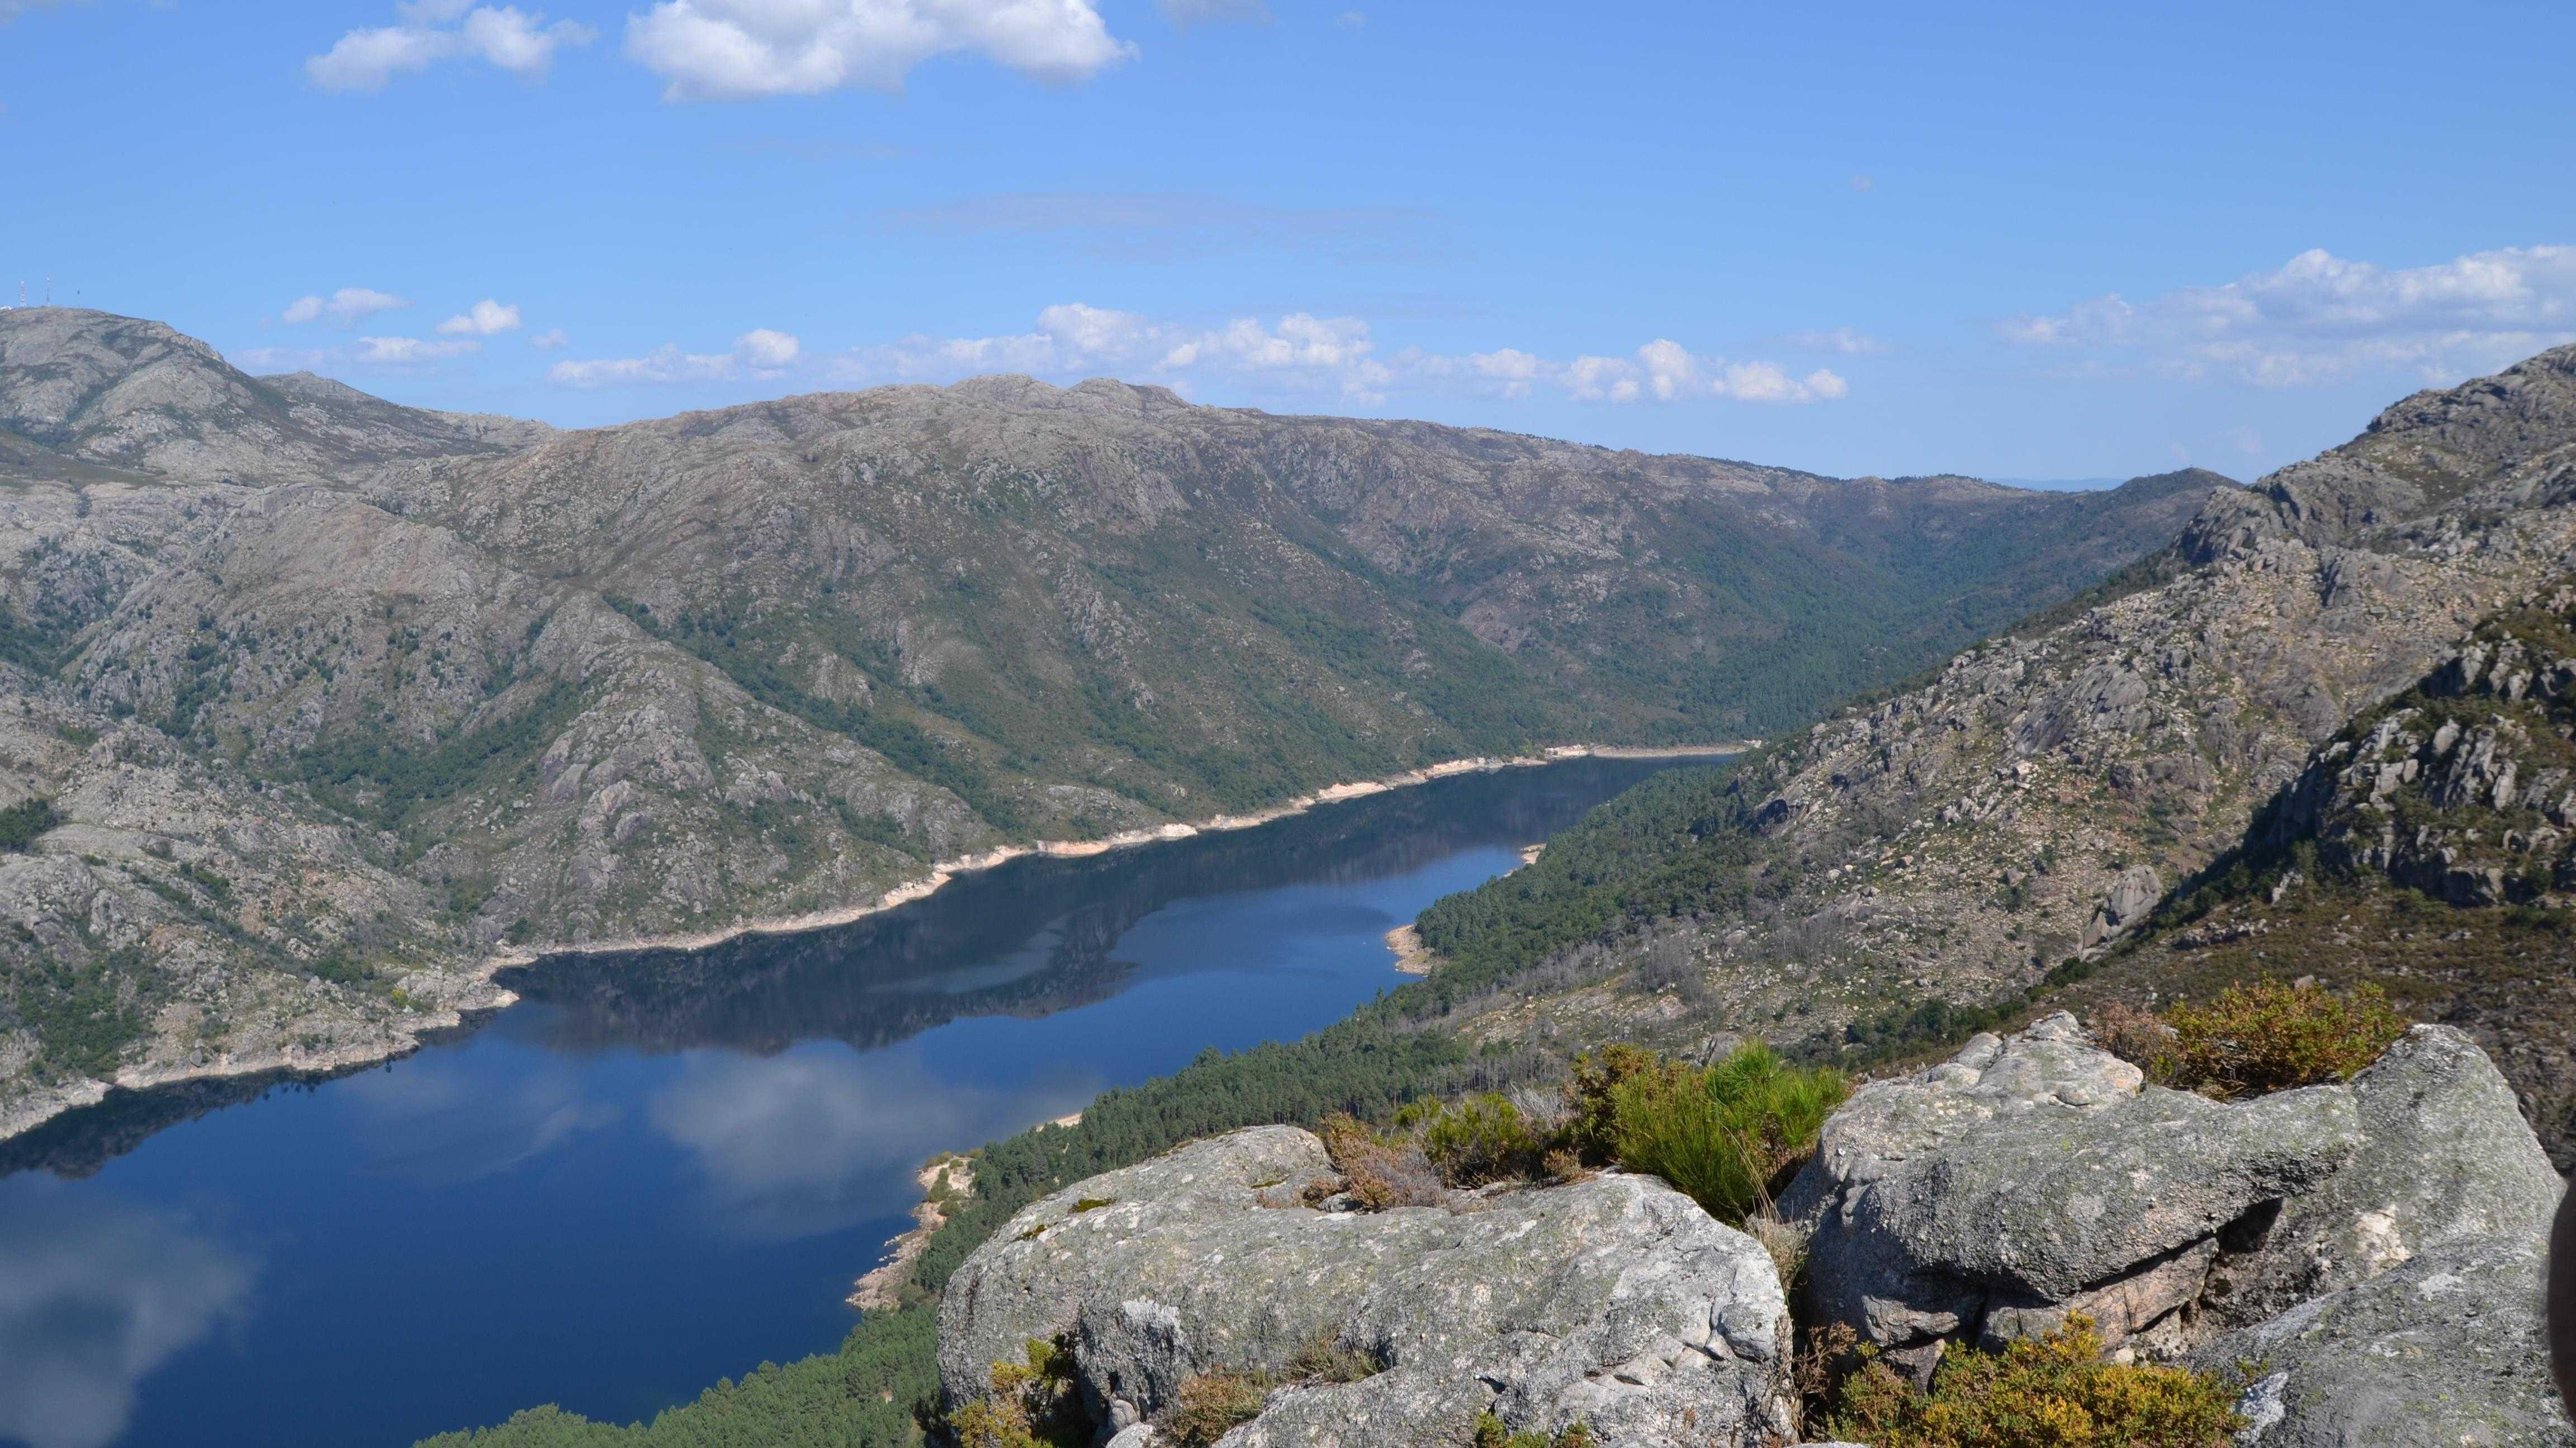 Barragem Vilarinho